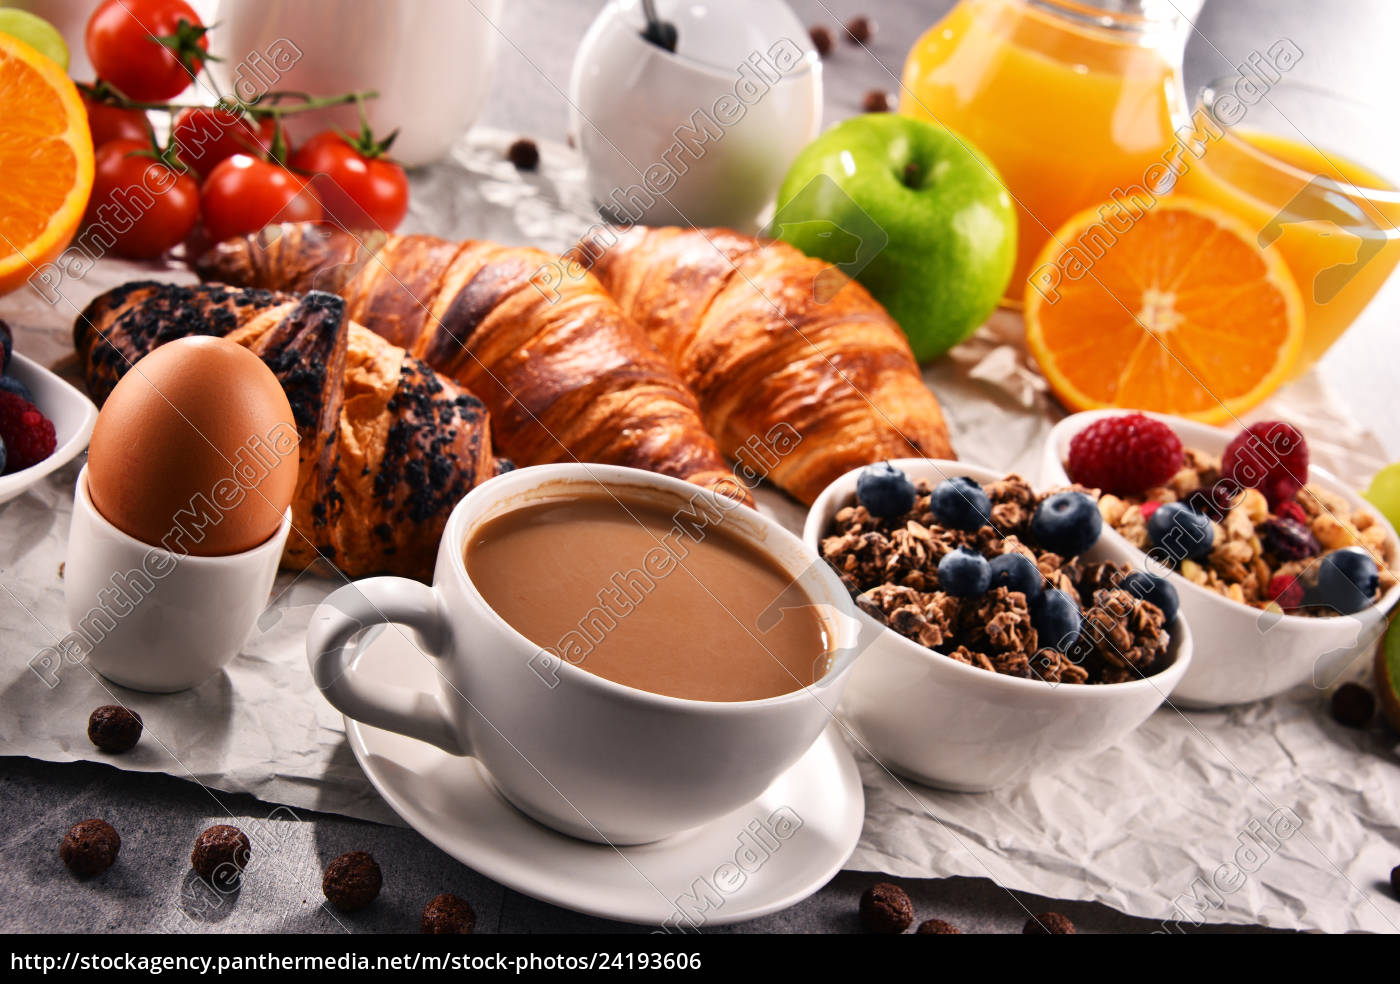 frühstück, serviert, mit, kaffee, saft, croissants, und, obst - 24193606